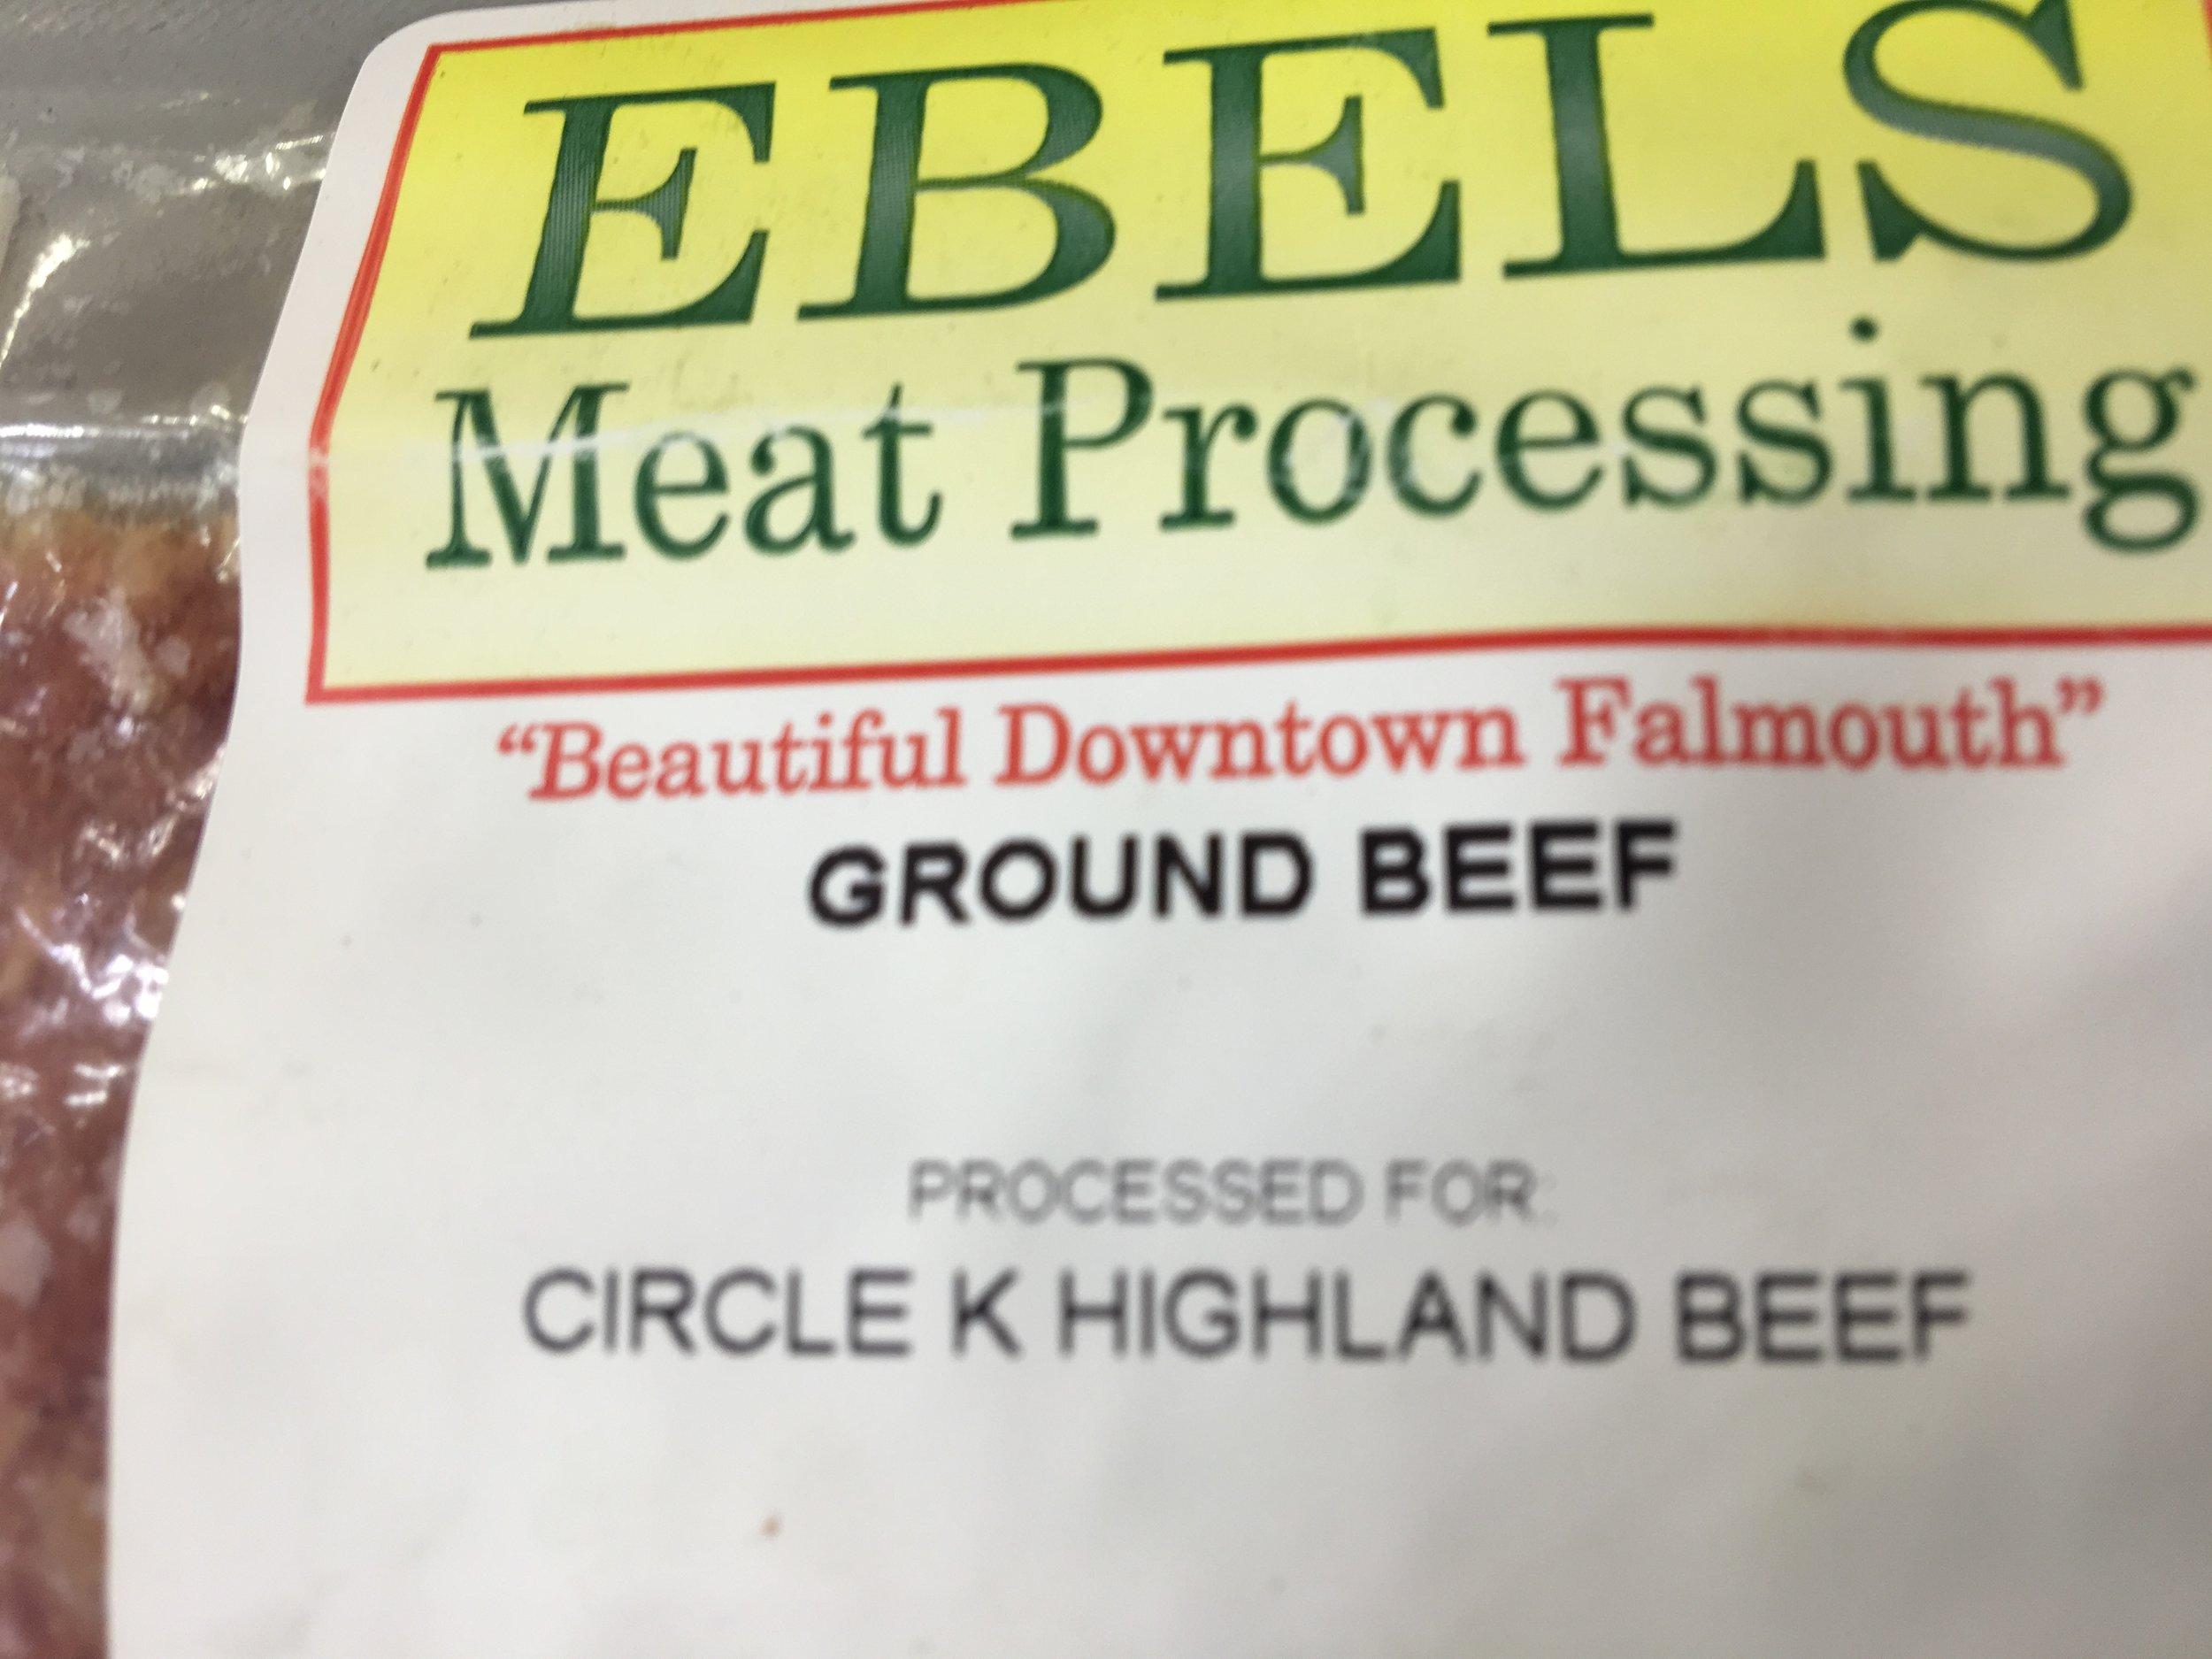 Highland cattle ground beef